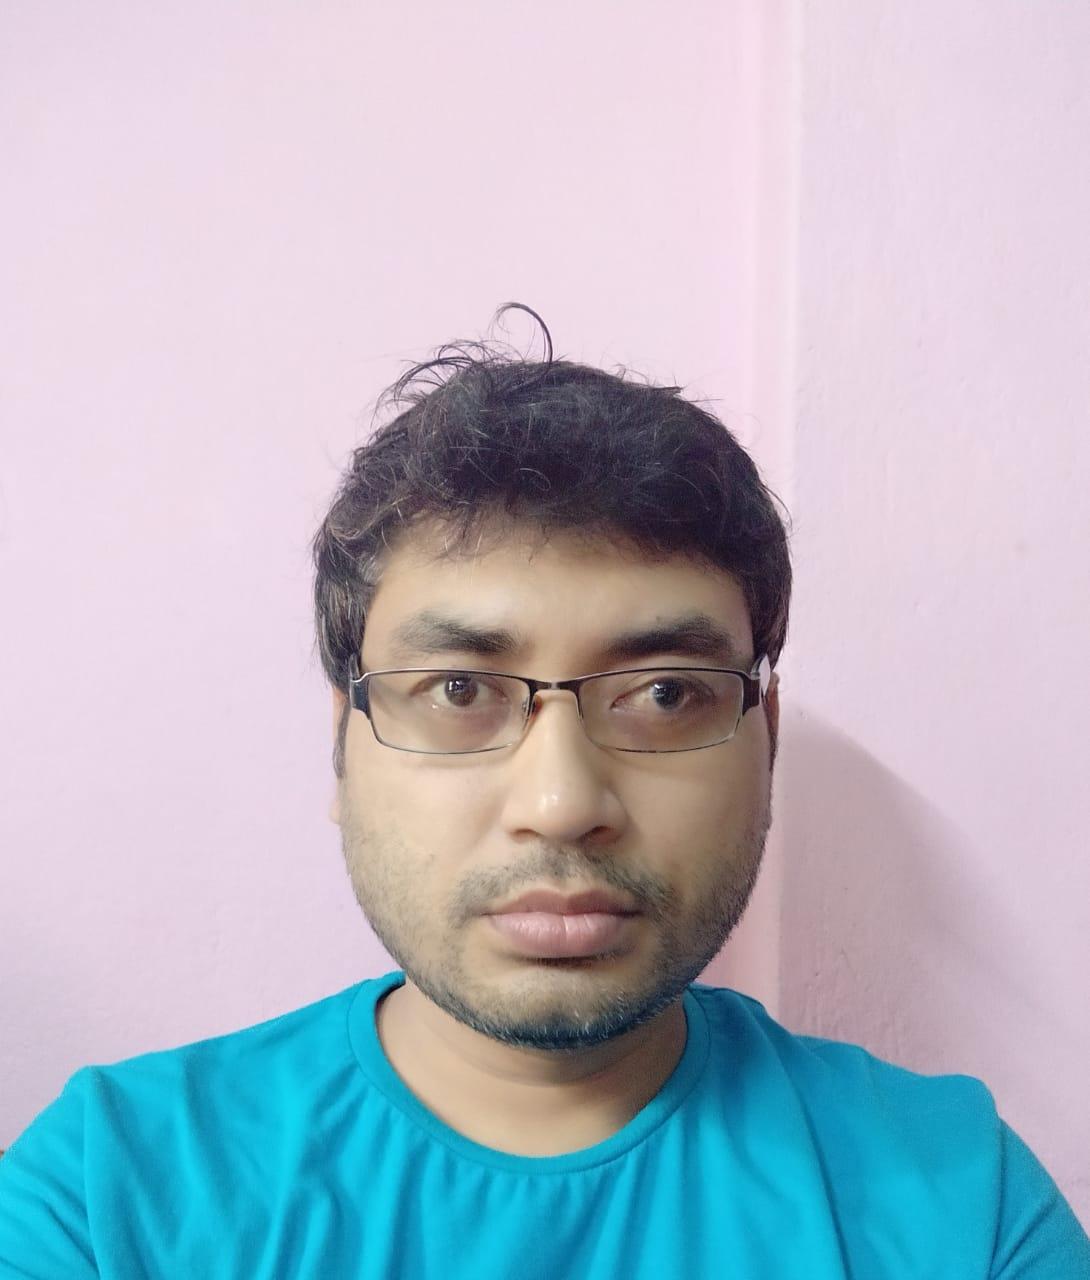 Sri ASHIM ROY